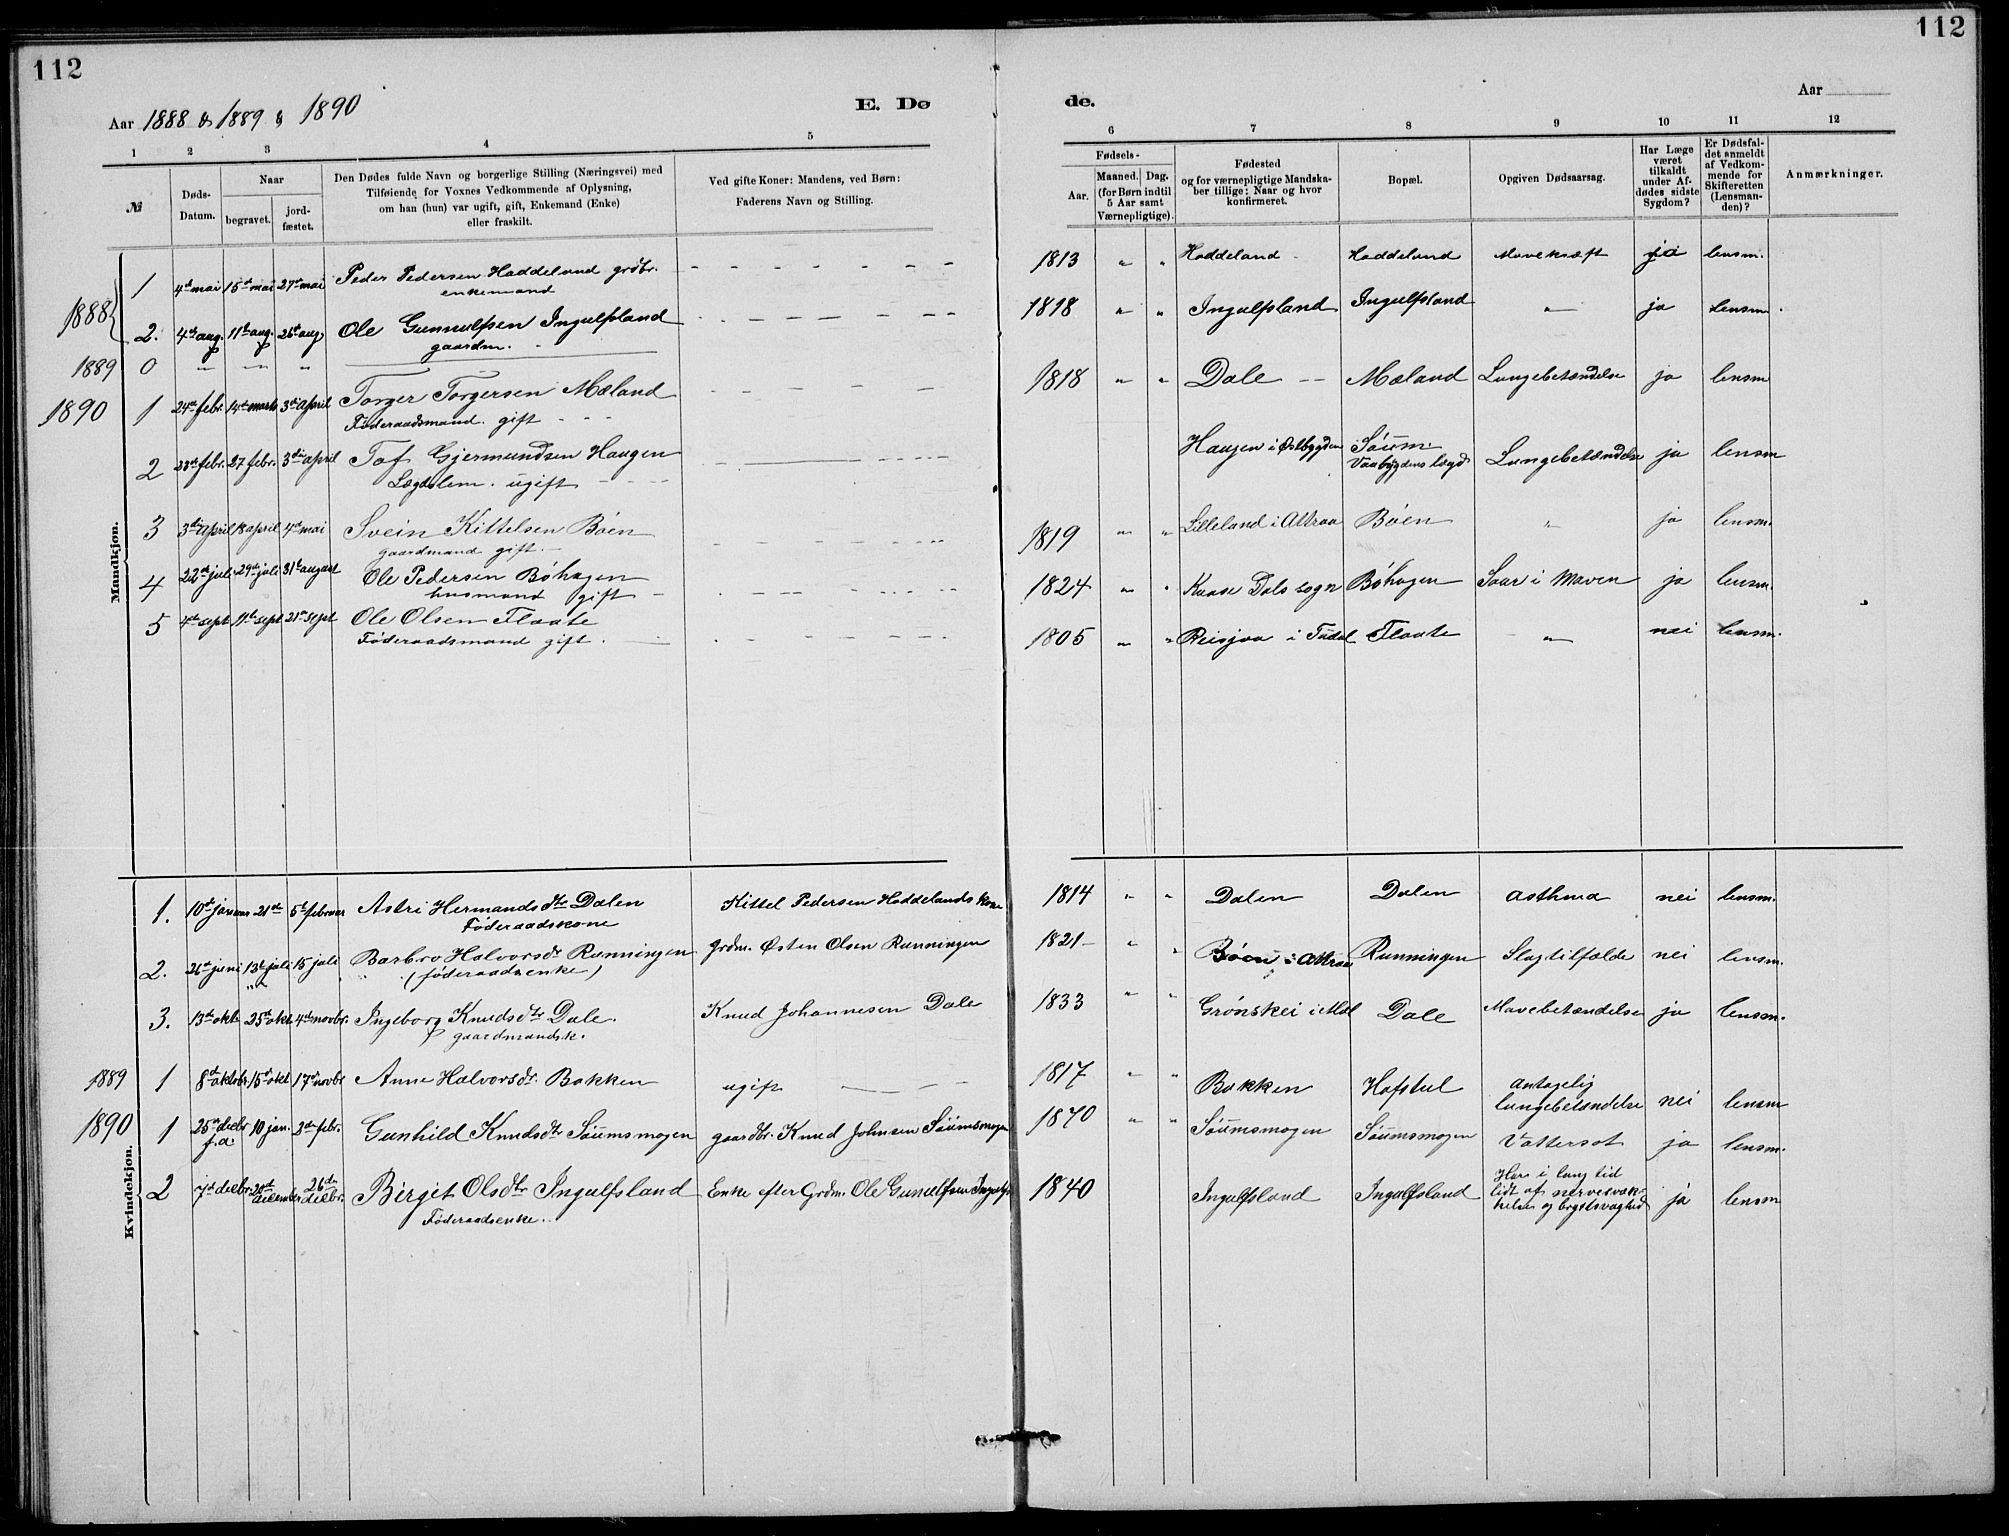 SAKO, Rjukan kirkebøker, G/Ga/L0001: Klokkerbok nr. 1, 1880-1914, s. 112